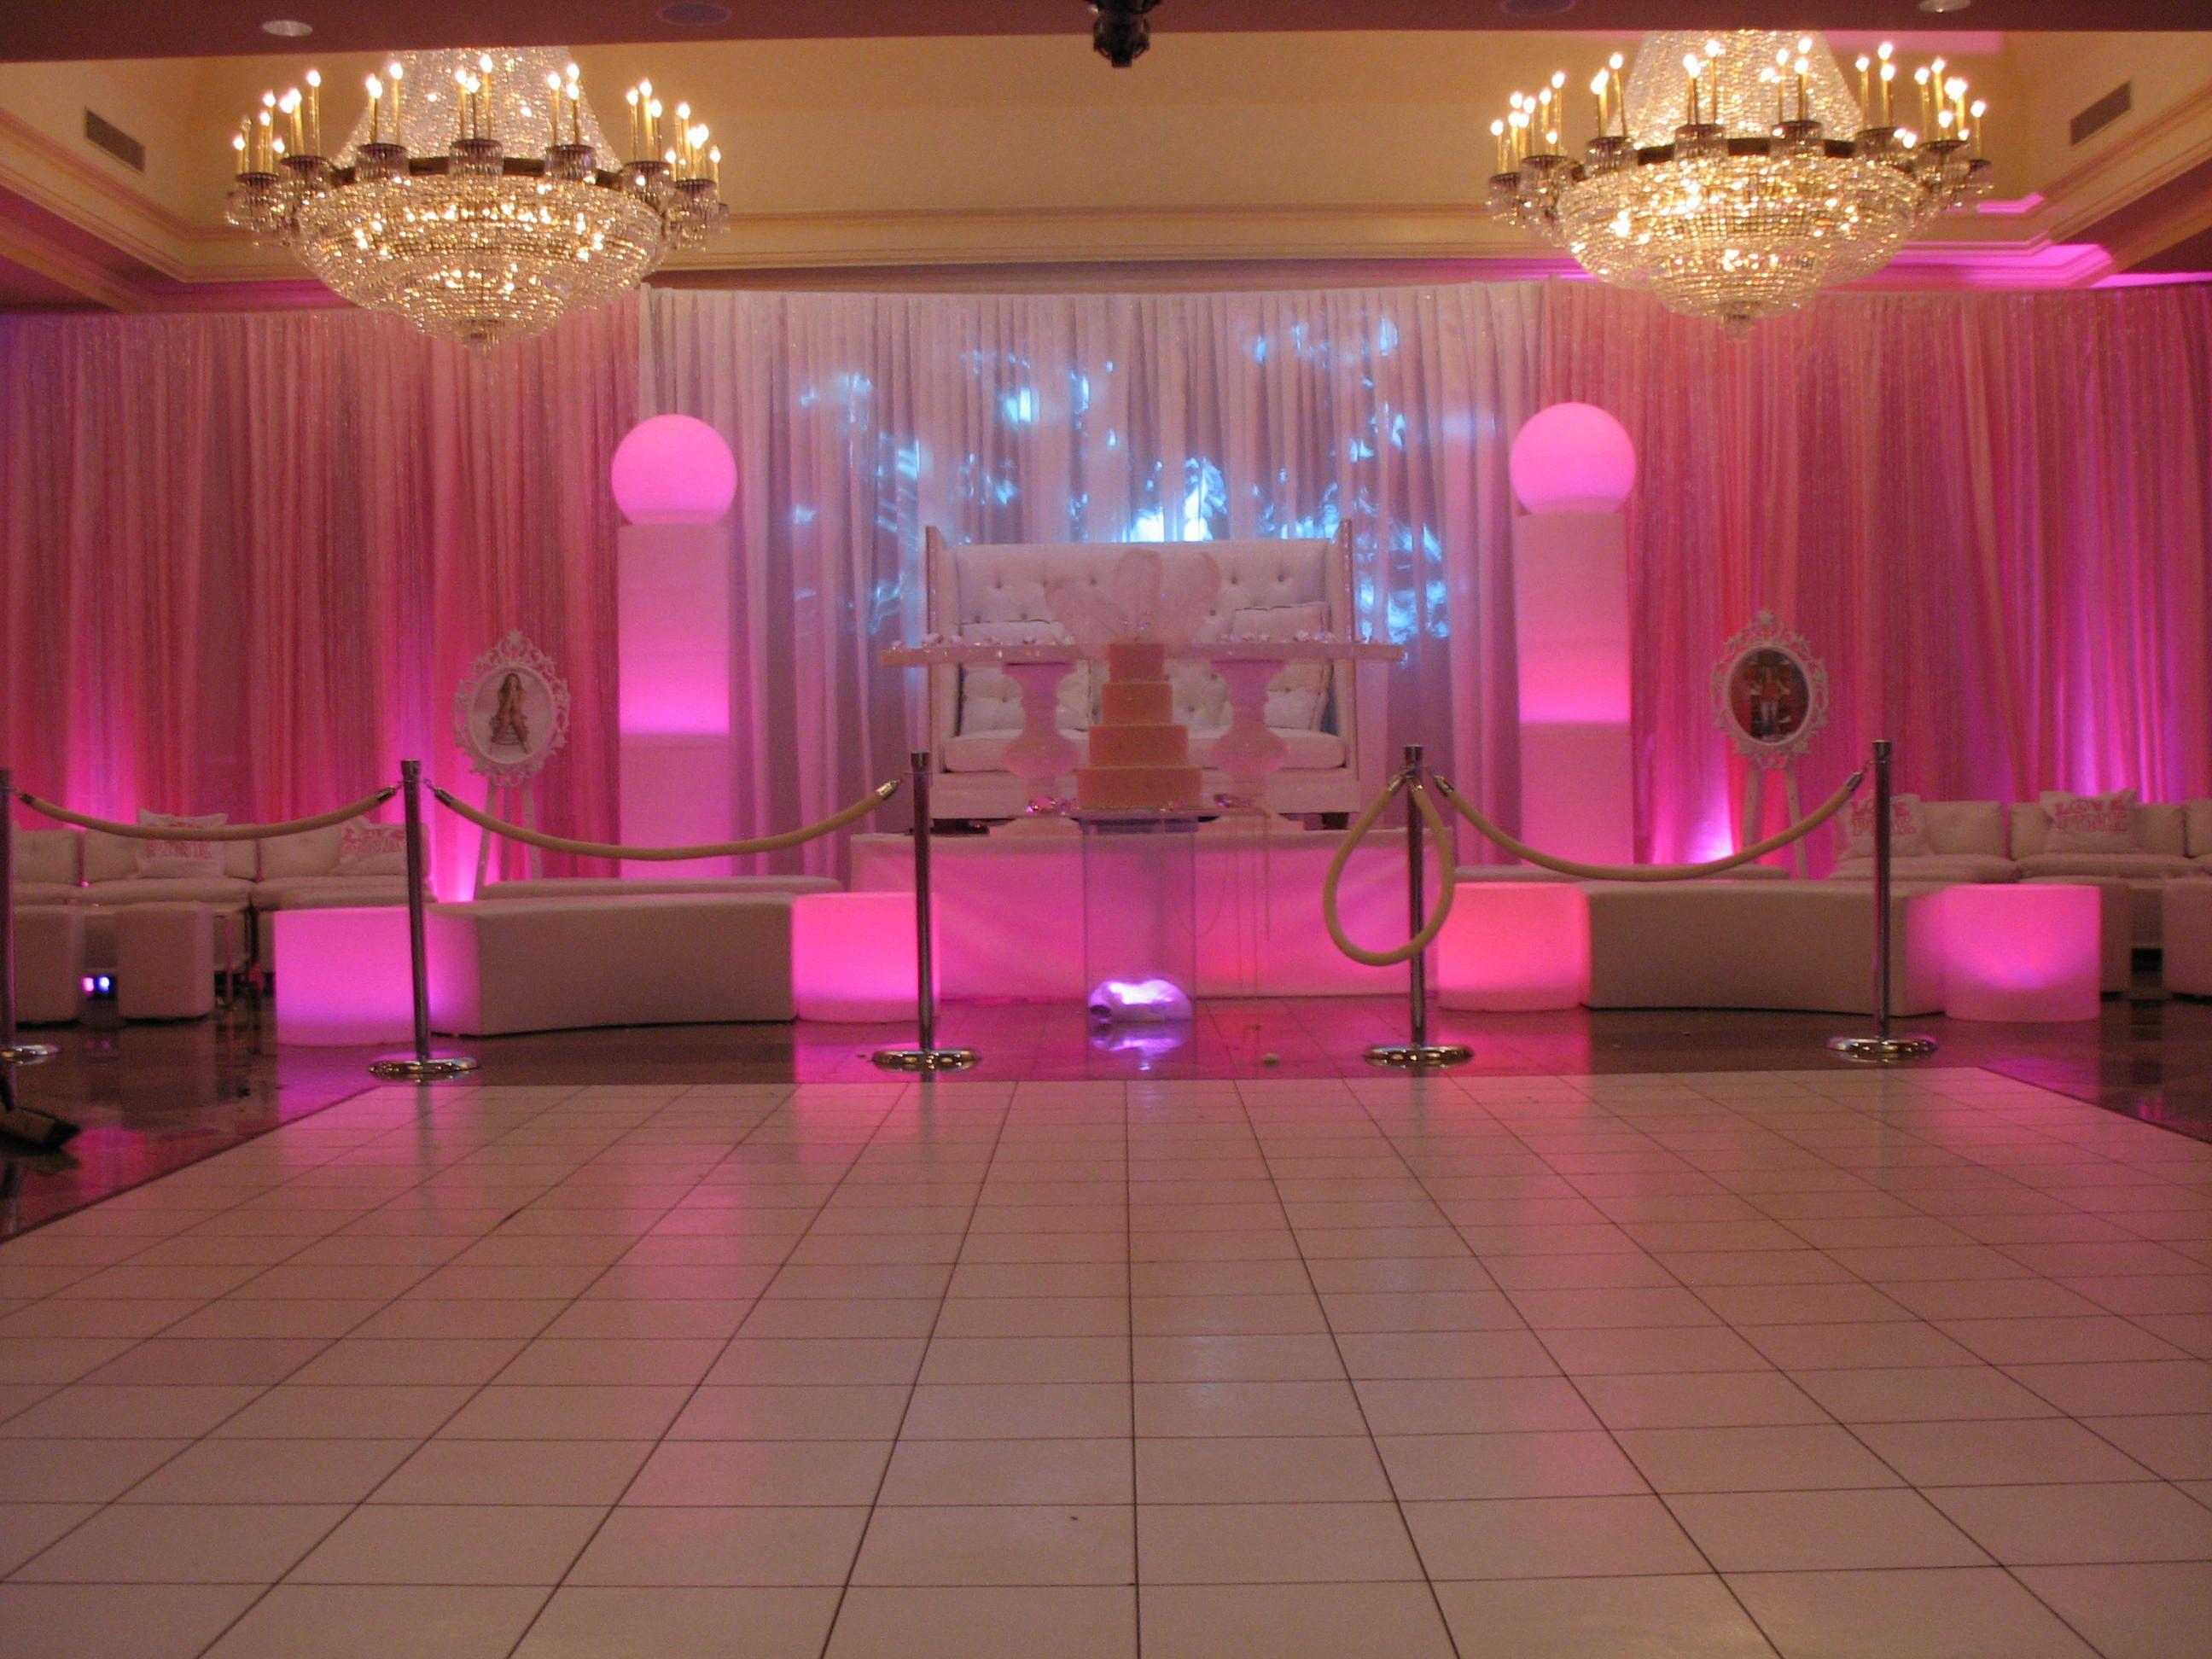 die besten 25 sweet 16 rosa ideen auf pinterest s e sechzehn 14 geburtstagsfeier ideen und. Black Bedroom Furniture Sets. Home Design Ideas